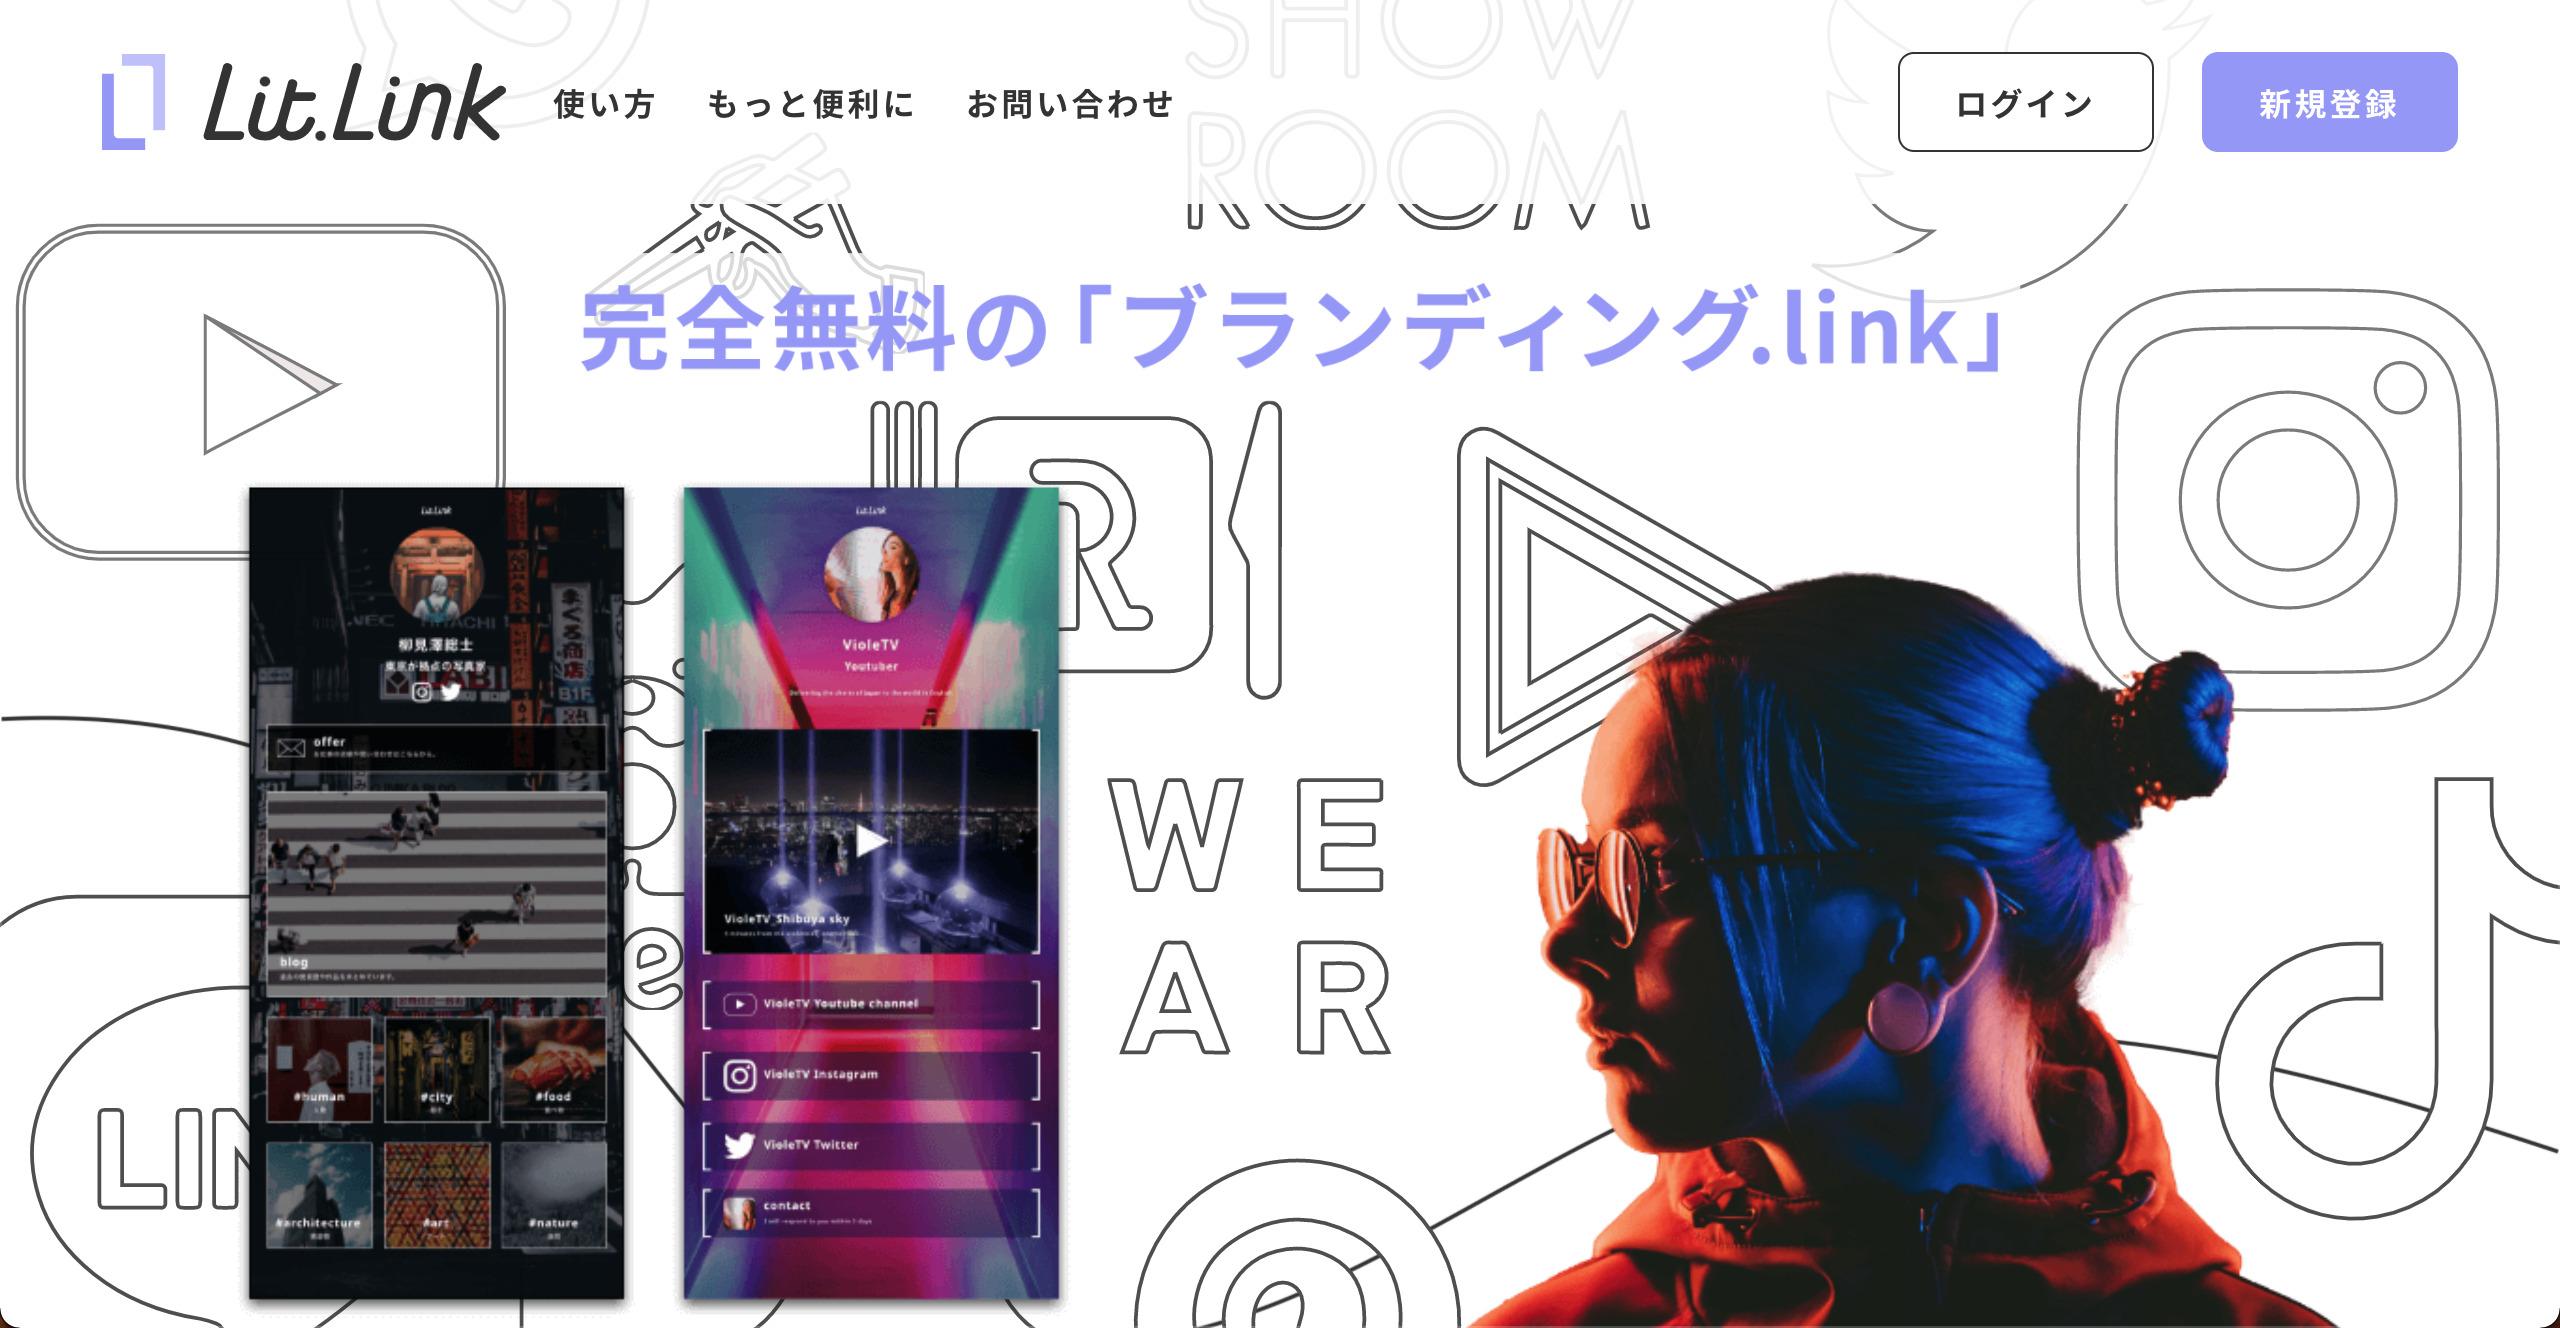 Lit.Link(リットリンク)